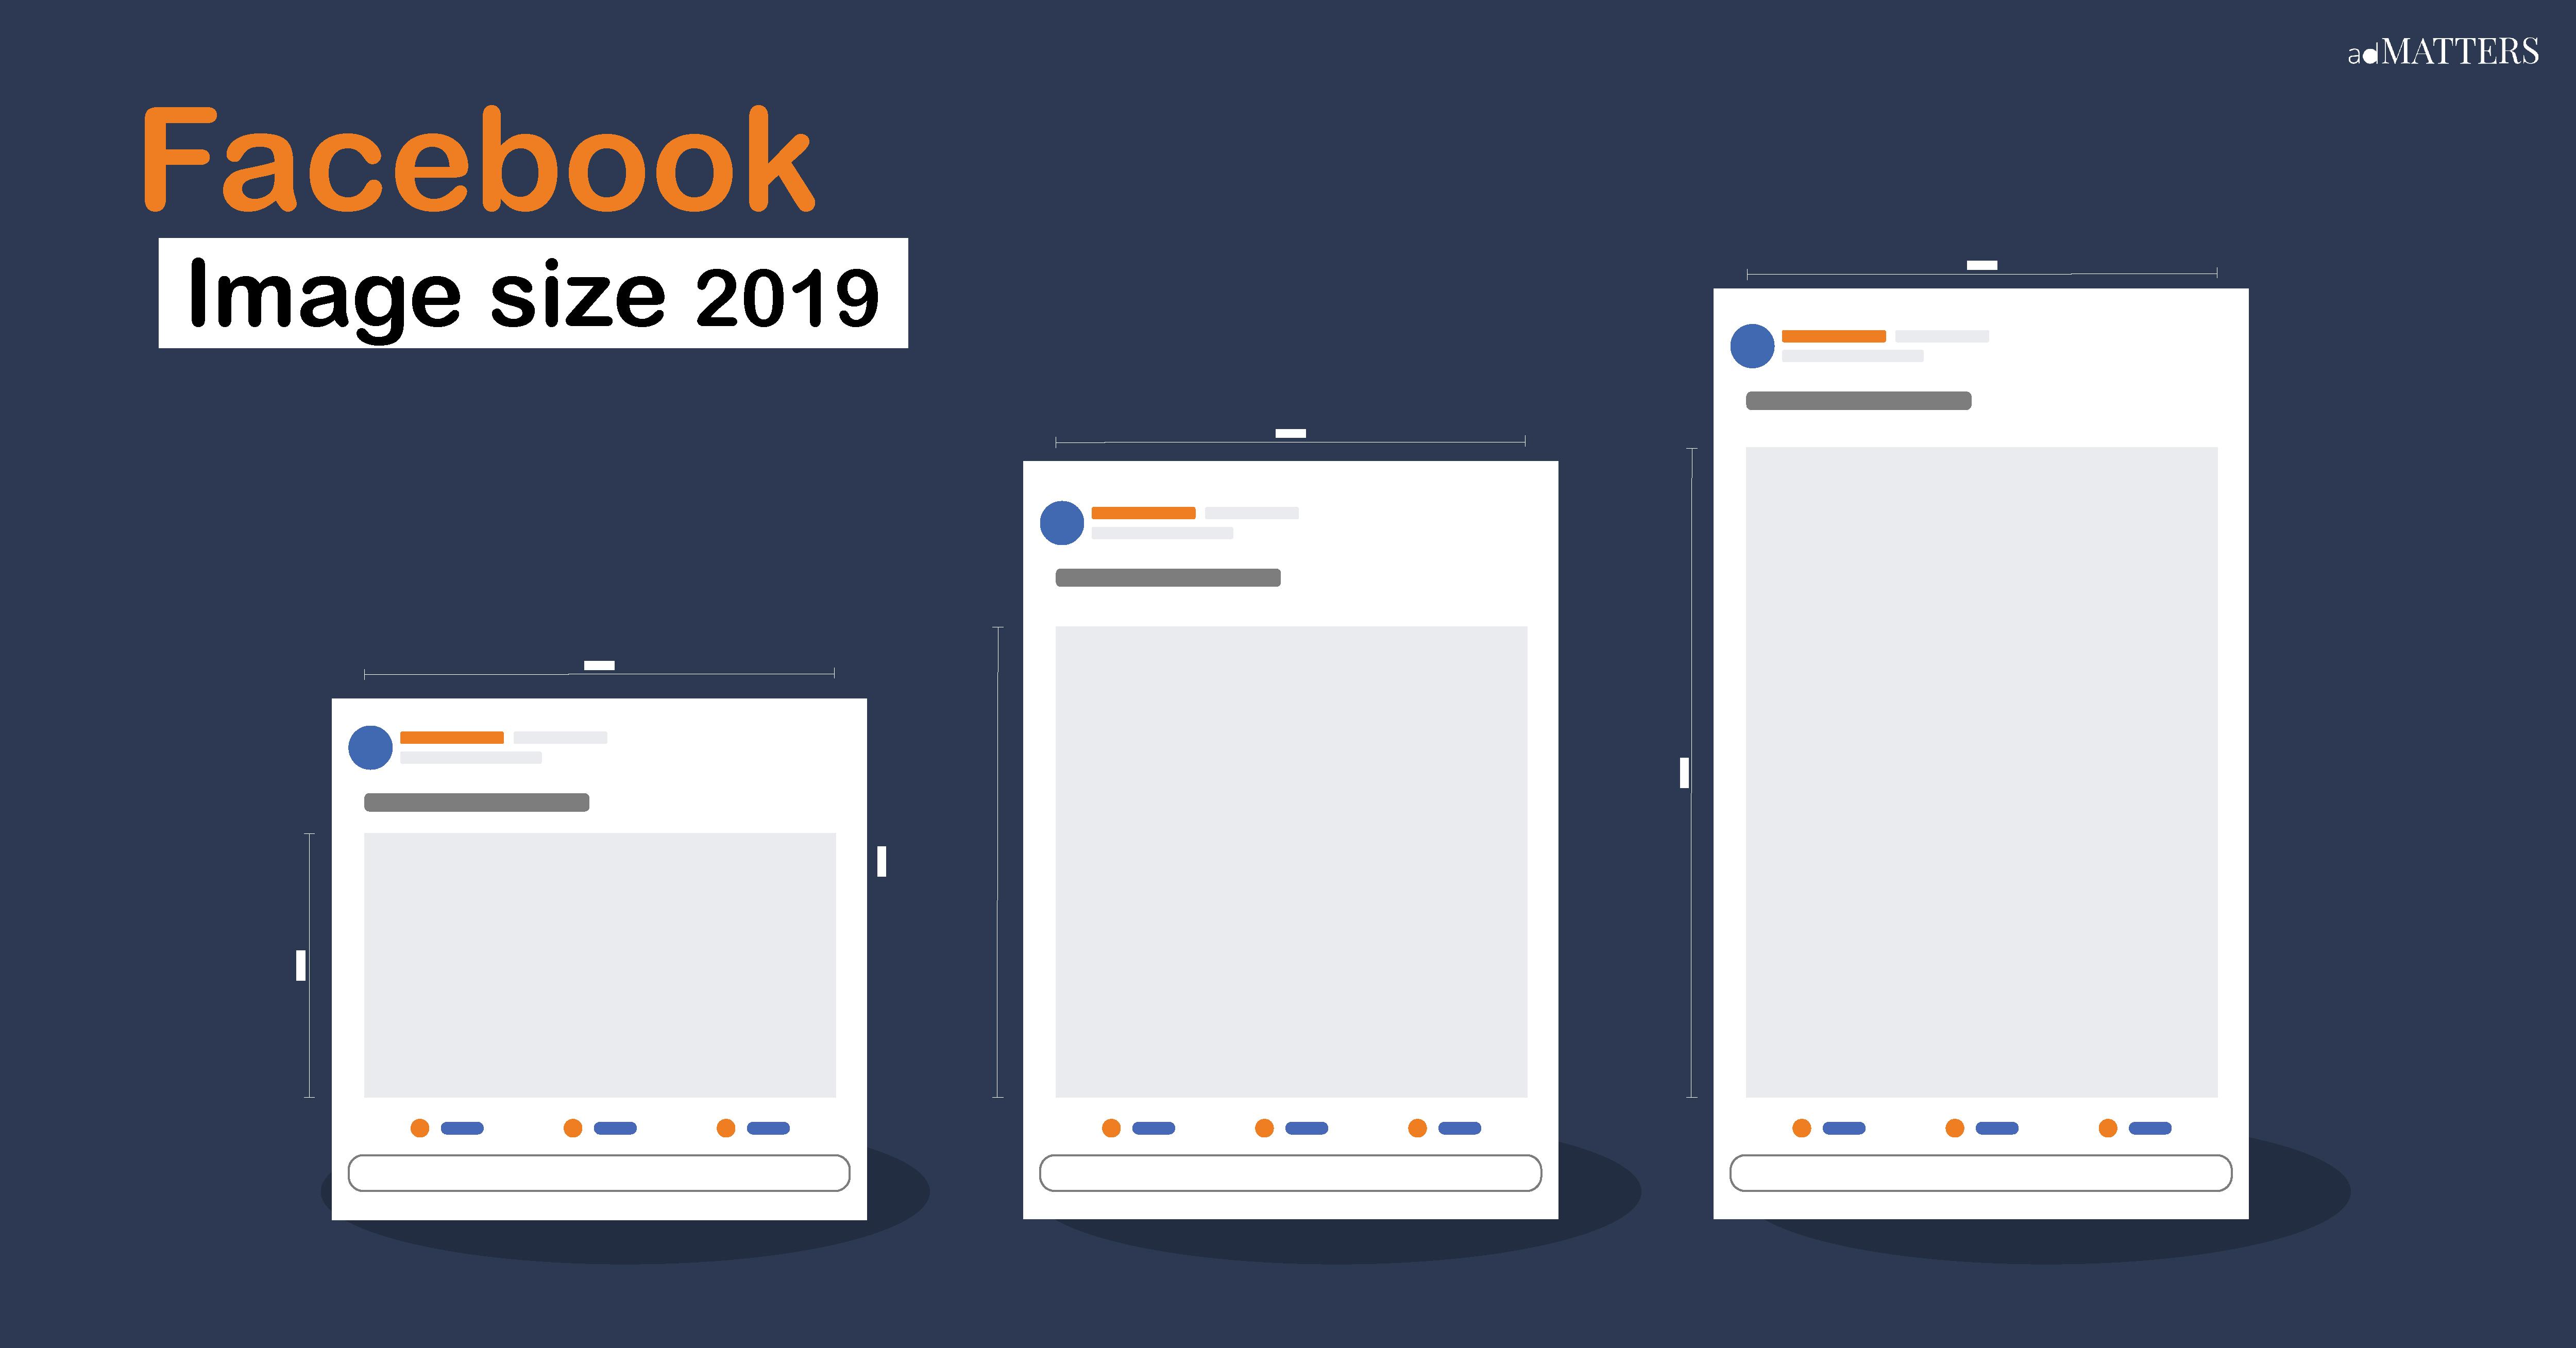 รวมขนาดรูป Facebook Page ต้องใช้บ่อย อัพเดท 2019 | adMATTER